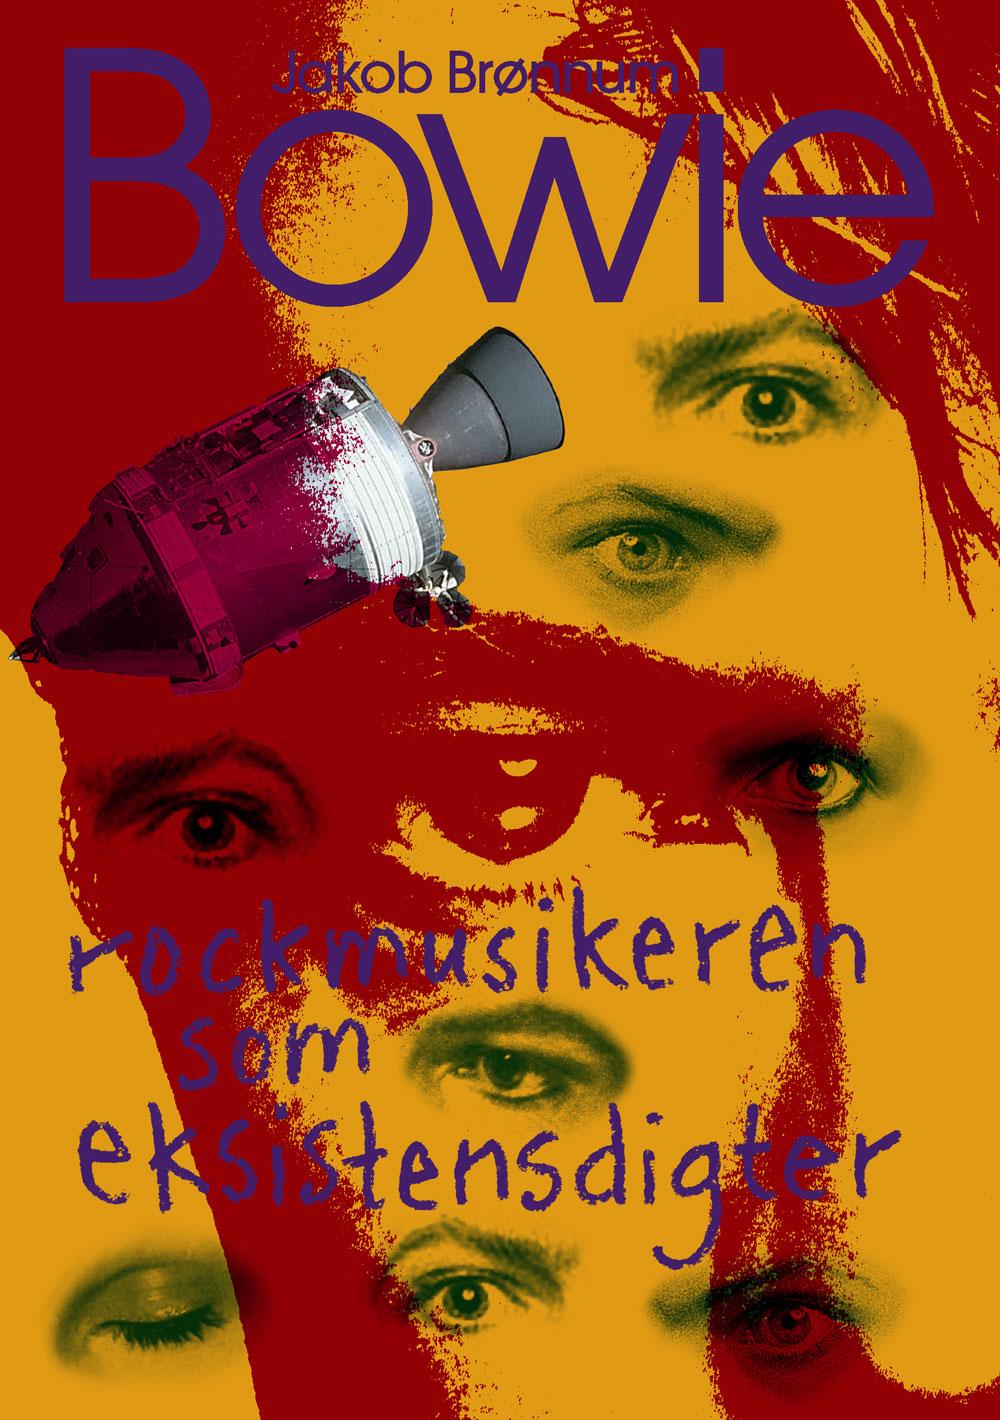 Bowie - Jakob Brønnum - Bøger - Eksistensen - 9788741005010 - 18/10-2018